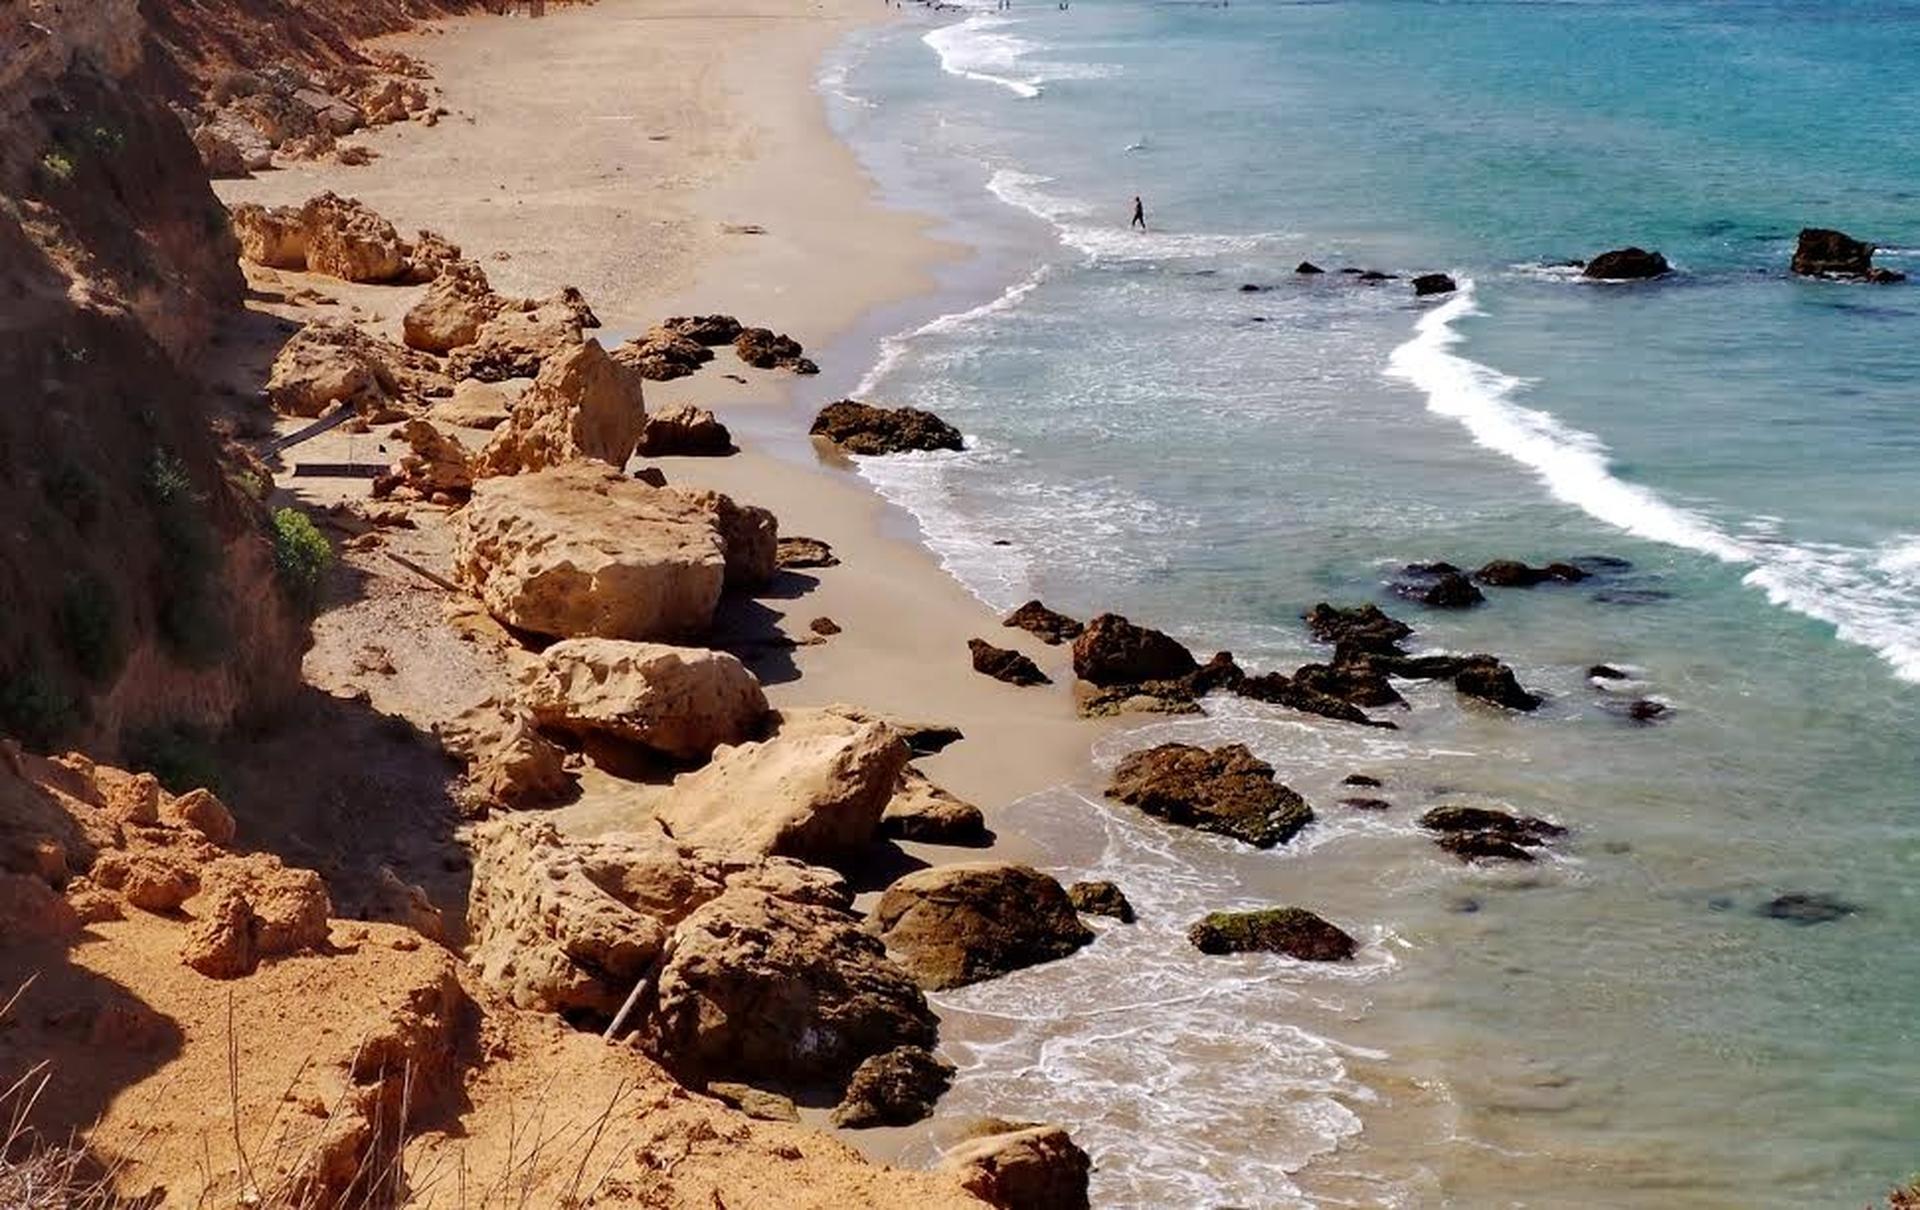 חוף ים בחדרה – צילום: איתמר רותם